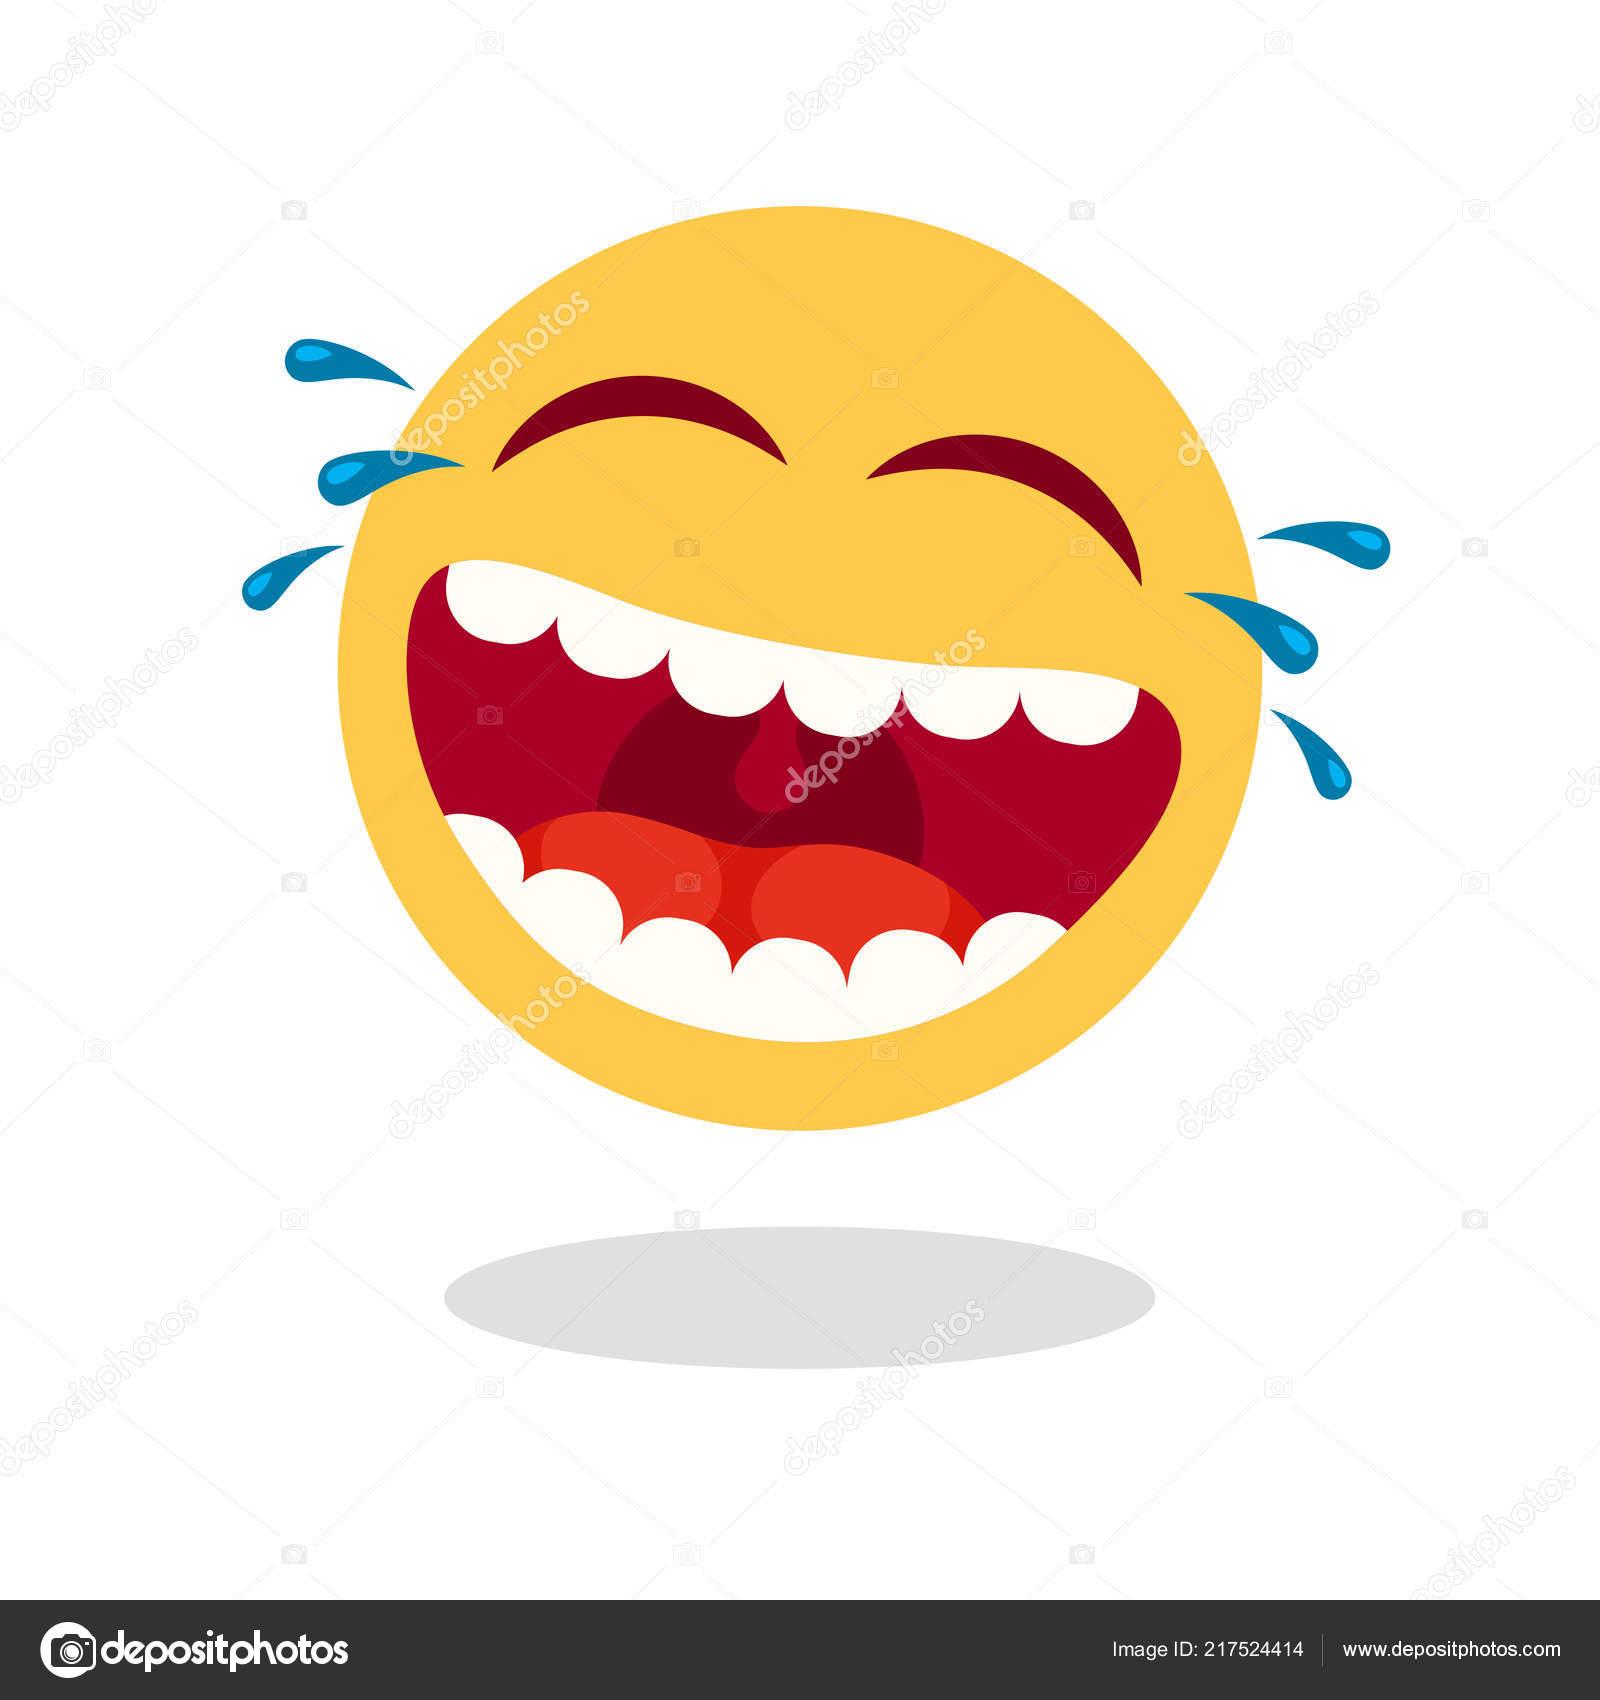 Lachender Smiley Emoticon Cartoon Glückliches Gesicht Mit Lachenden